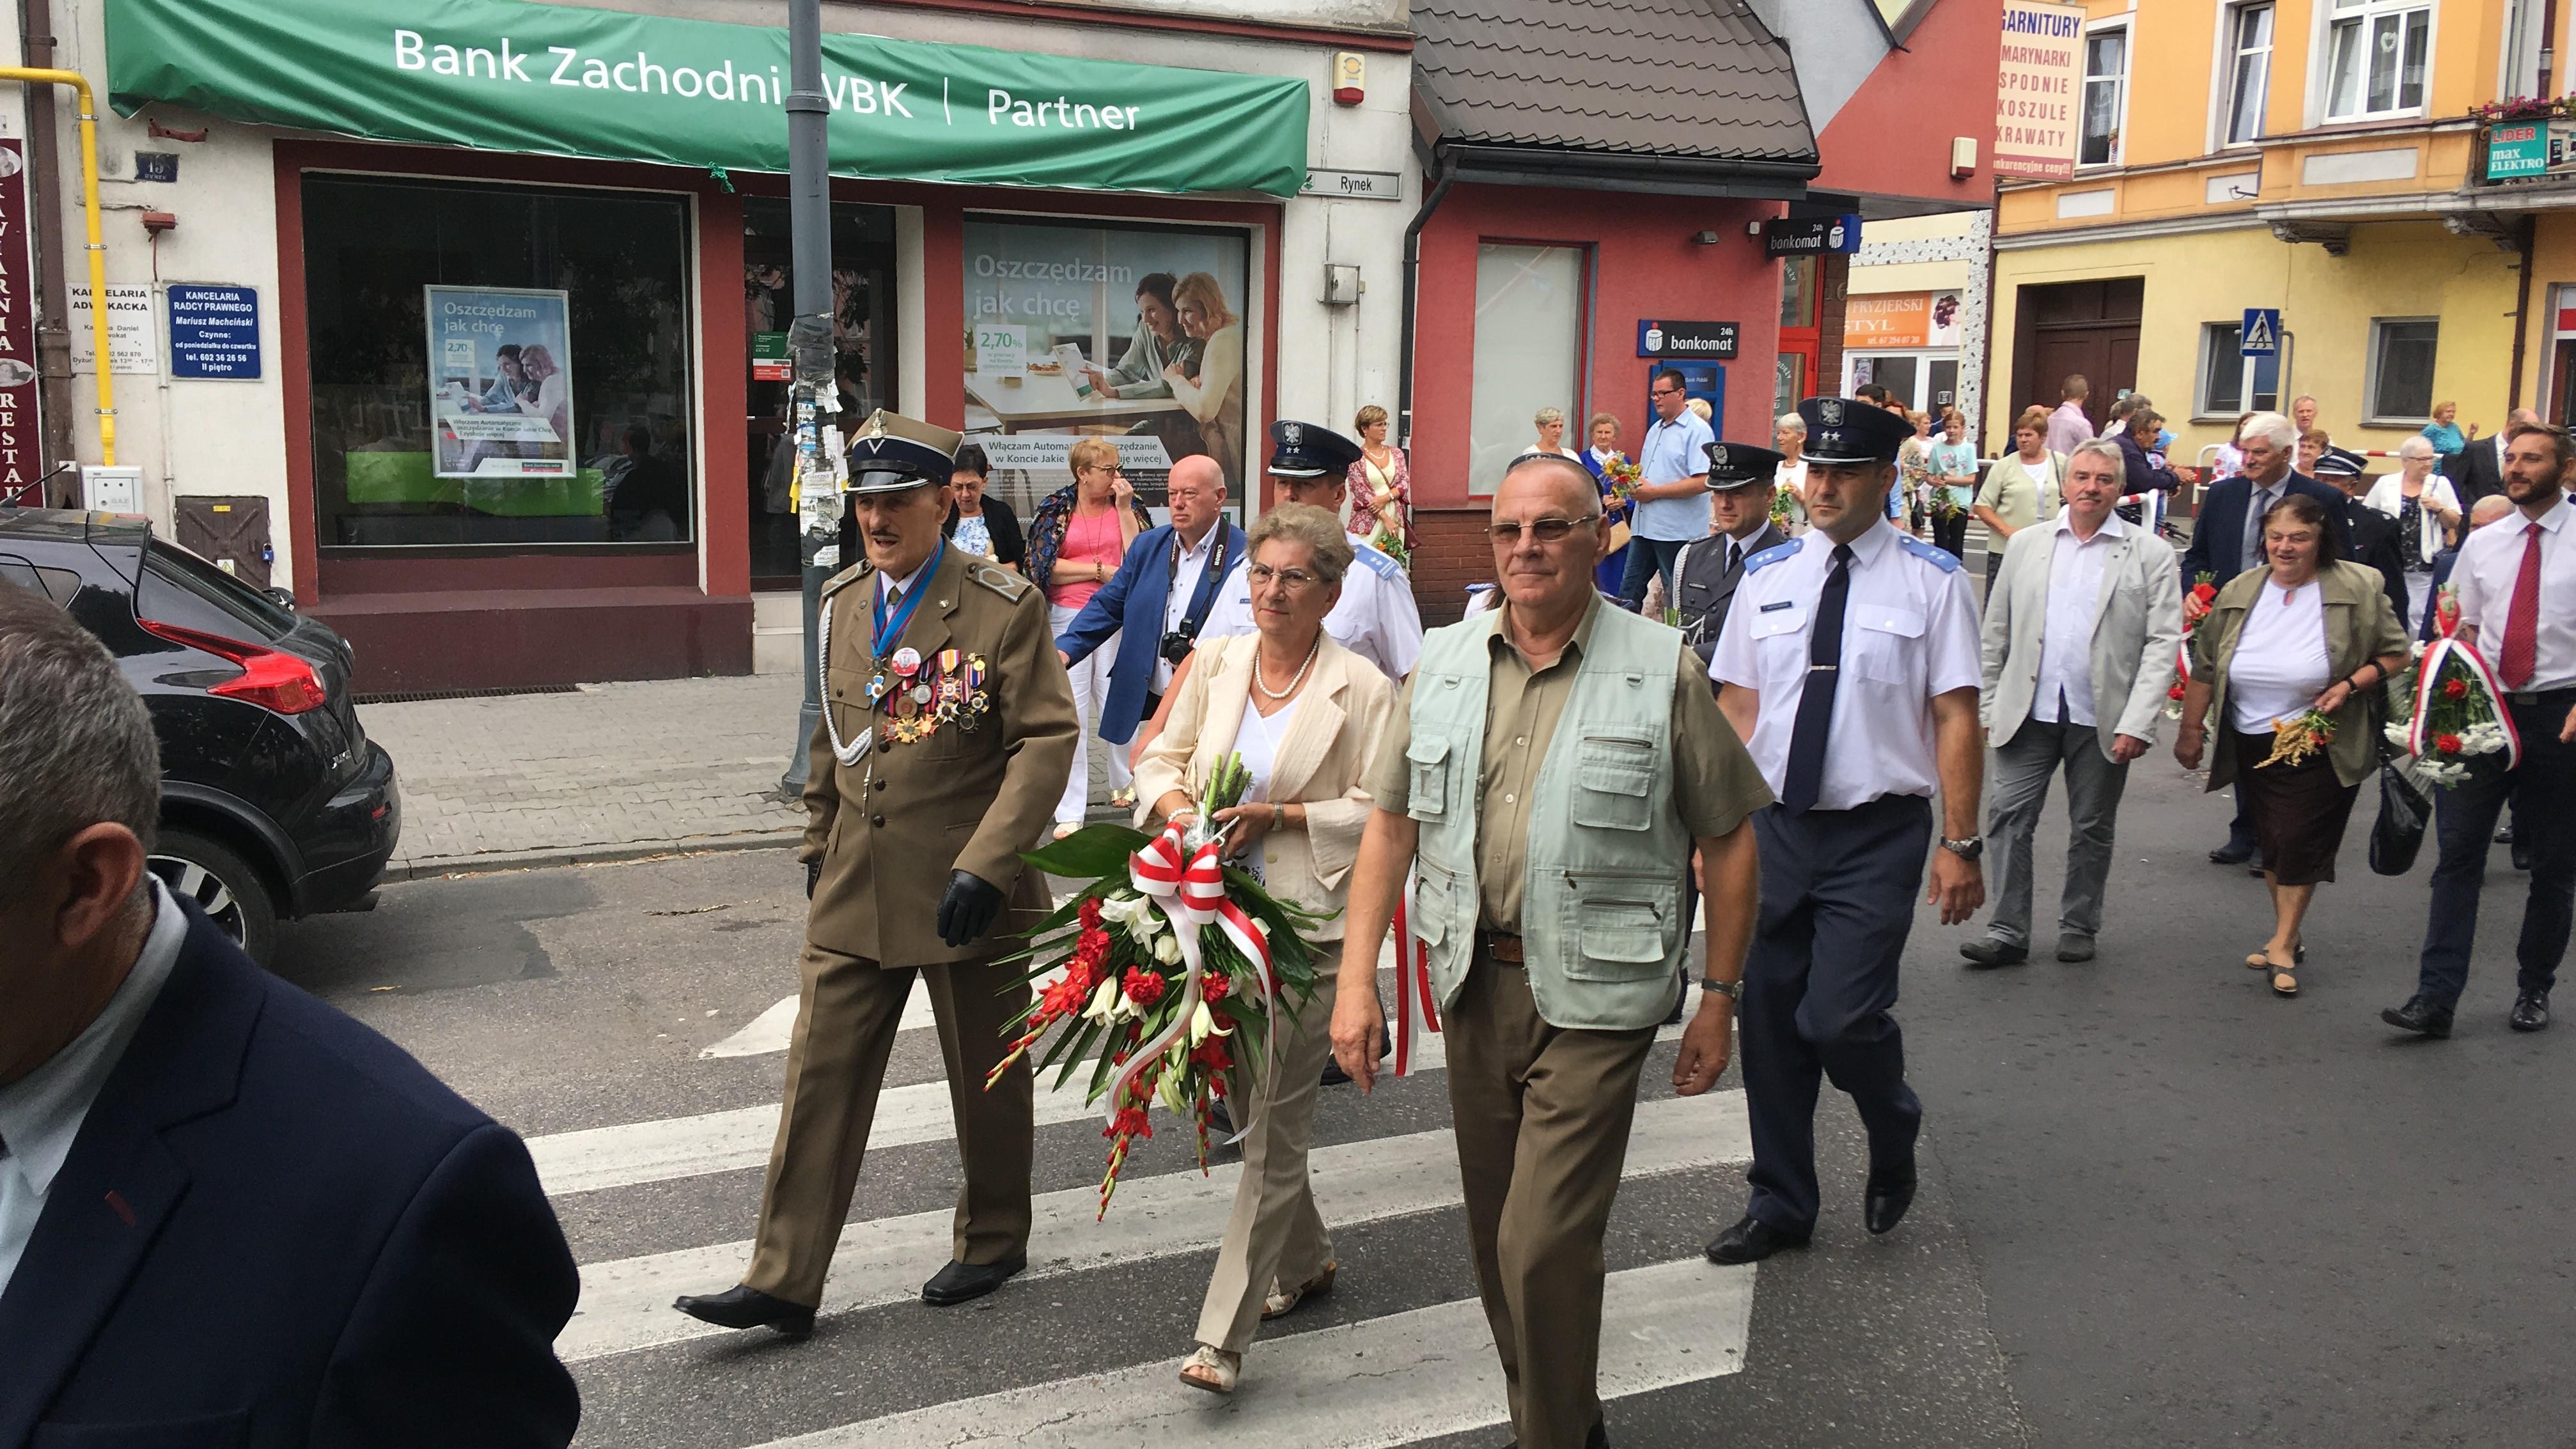 święto wojska polskiego wronki - Andrzej Ciborski